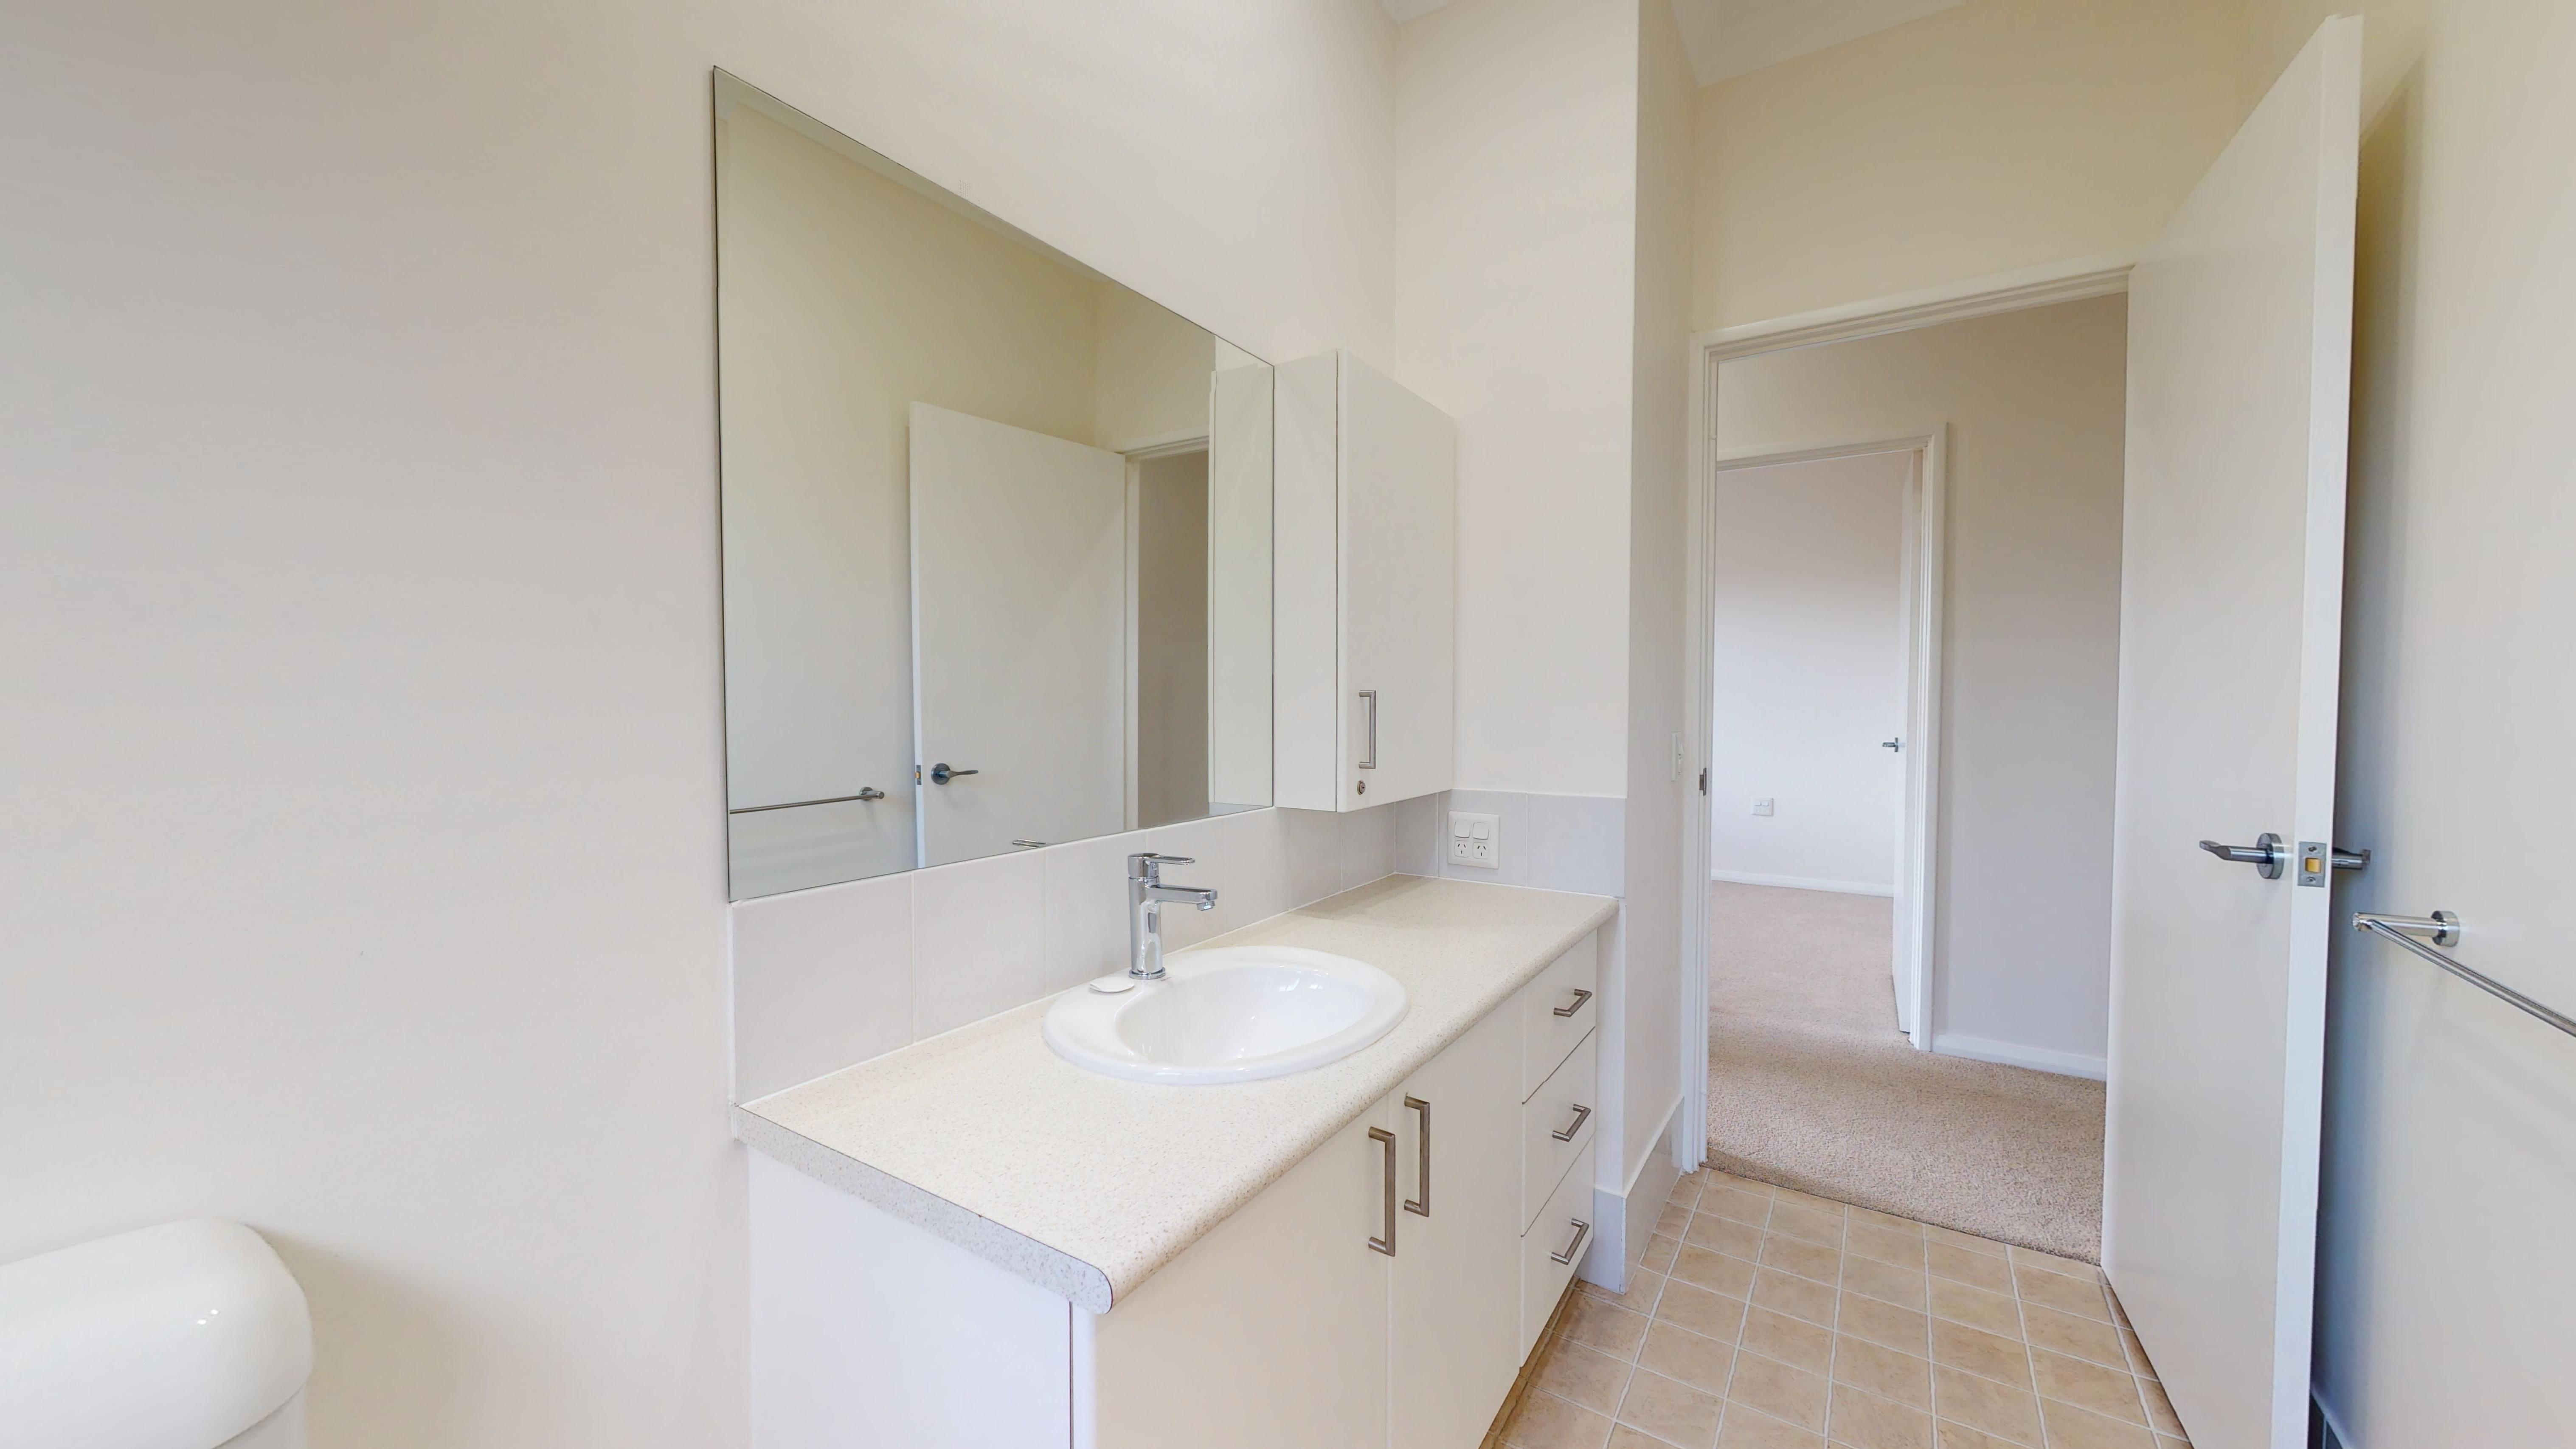 35483710 1626331082 24878 174 22 Windelya Rd Murdoch Bathroom